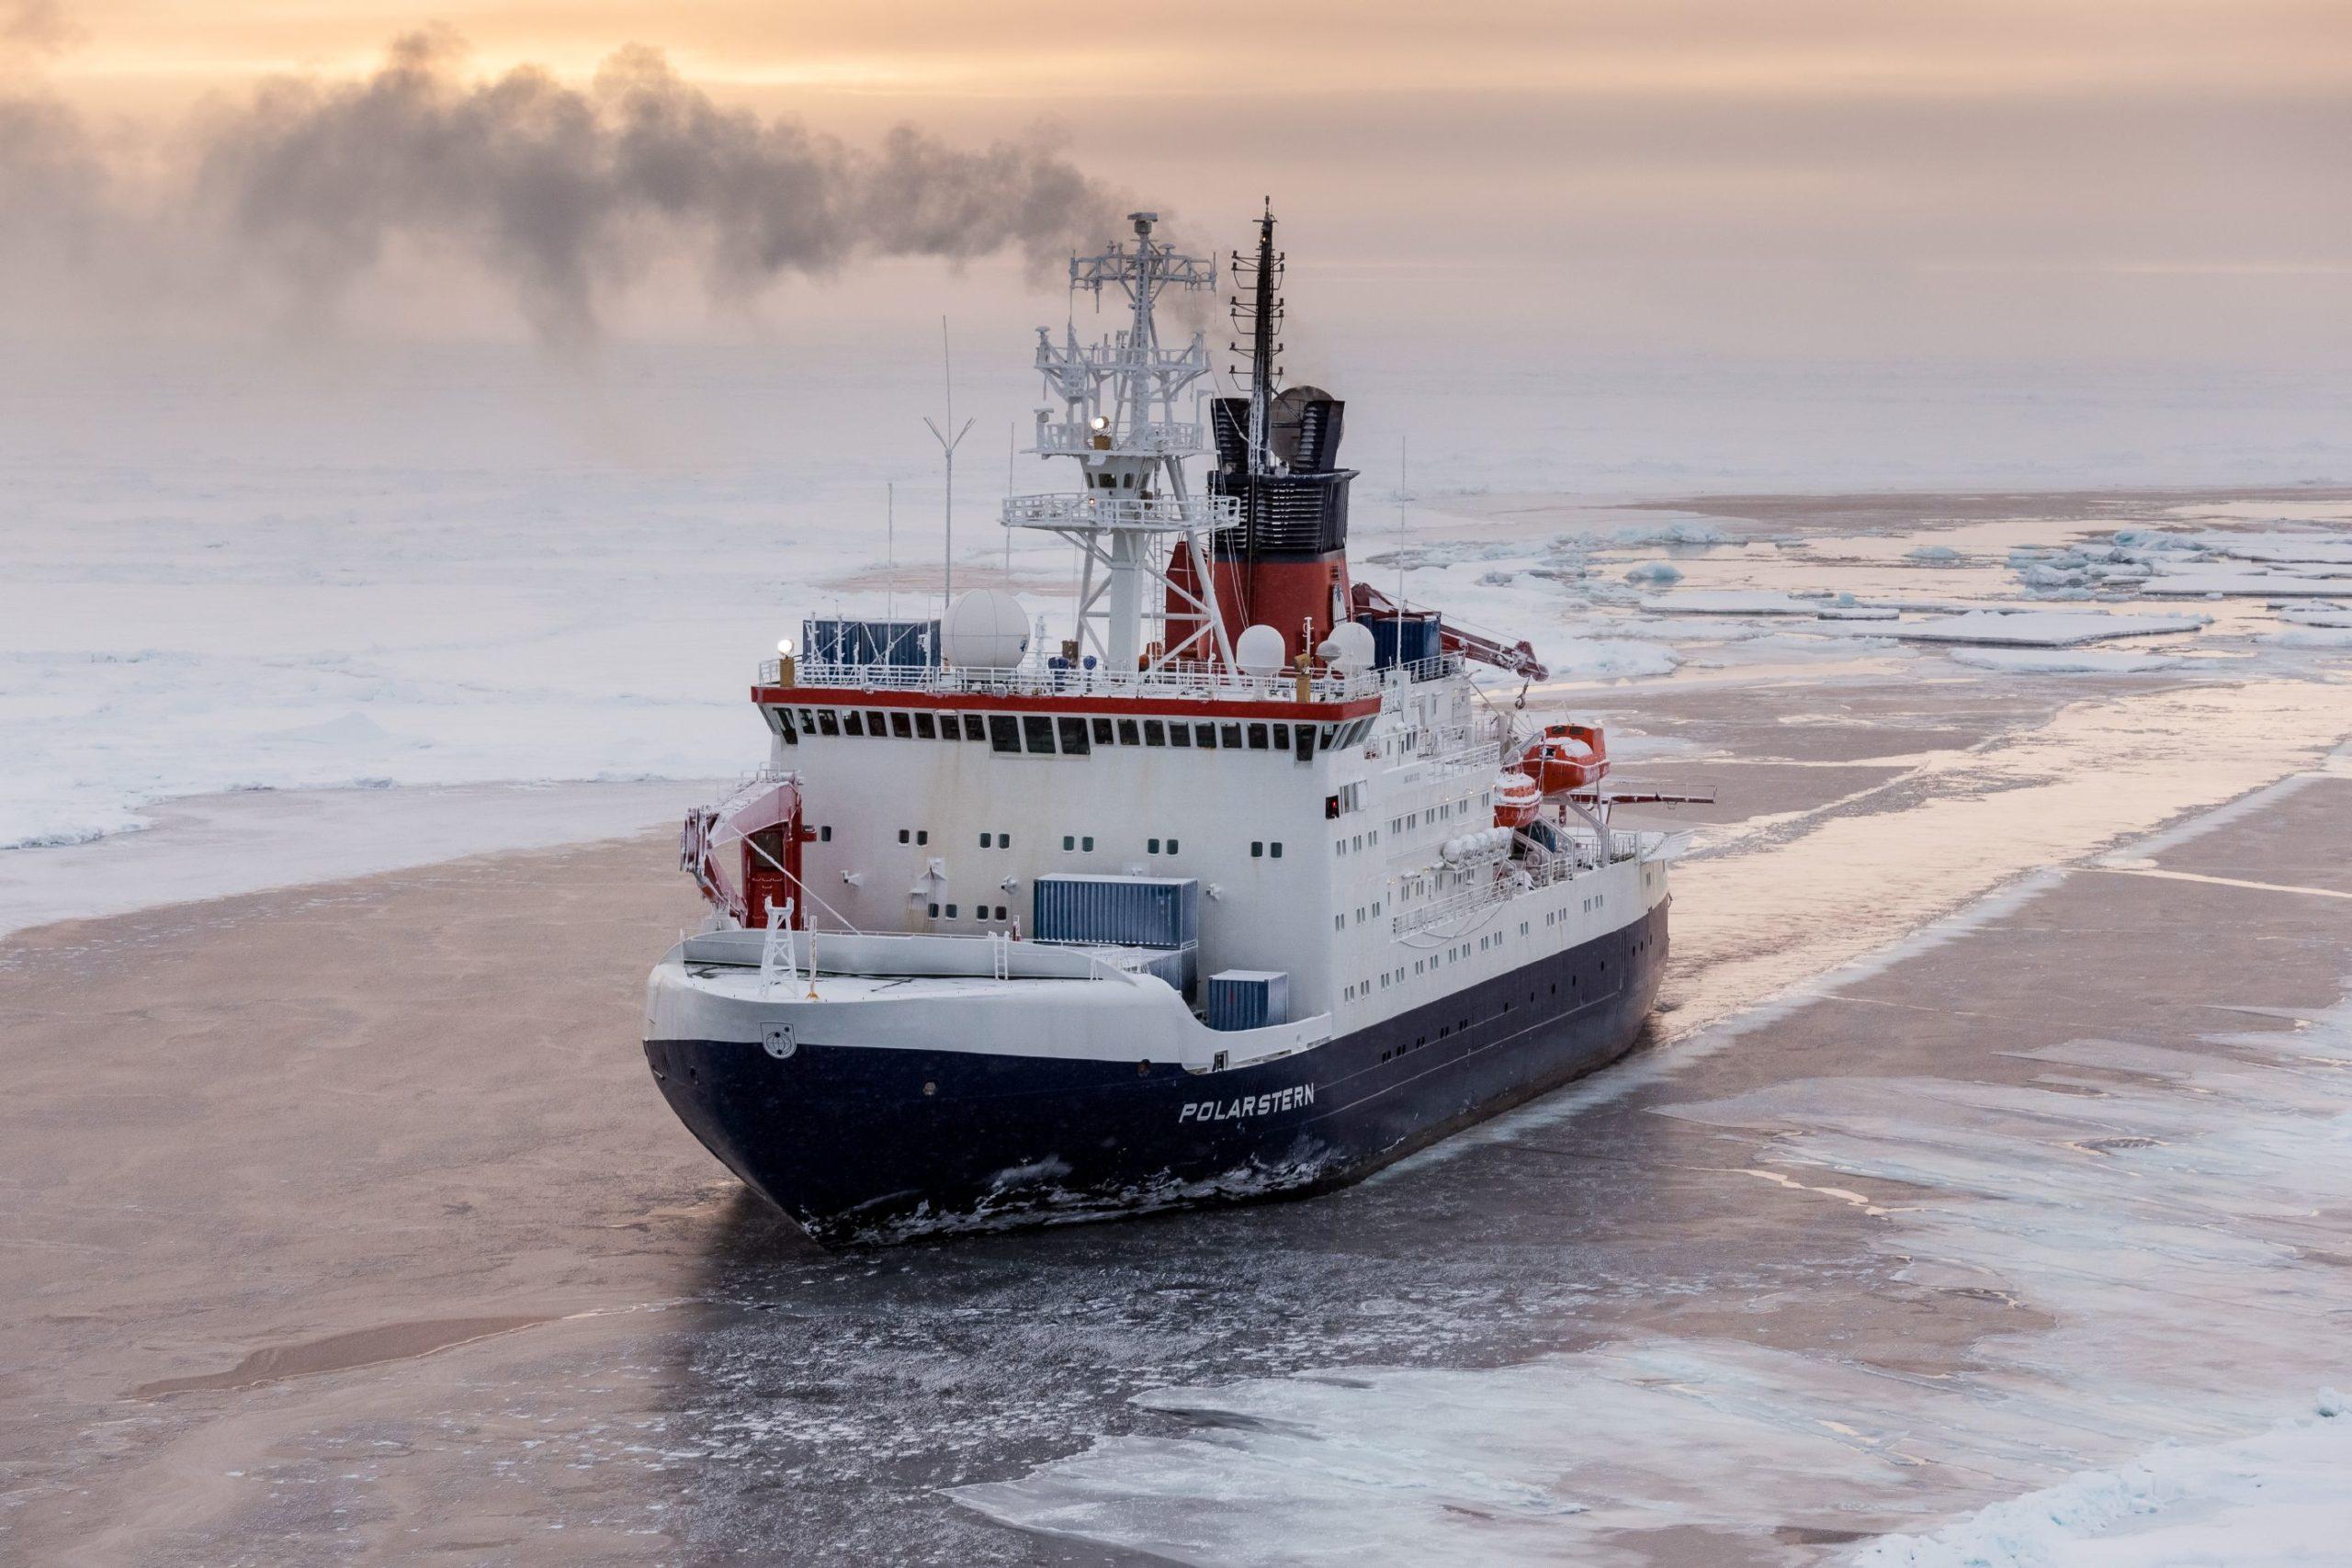 Das deutsche Forschungsschiff Polarstern in der zentralen Arktis